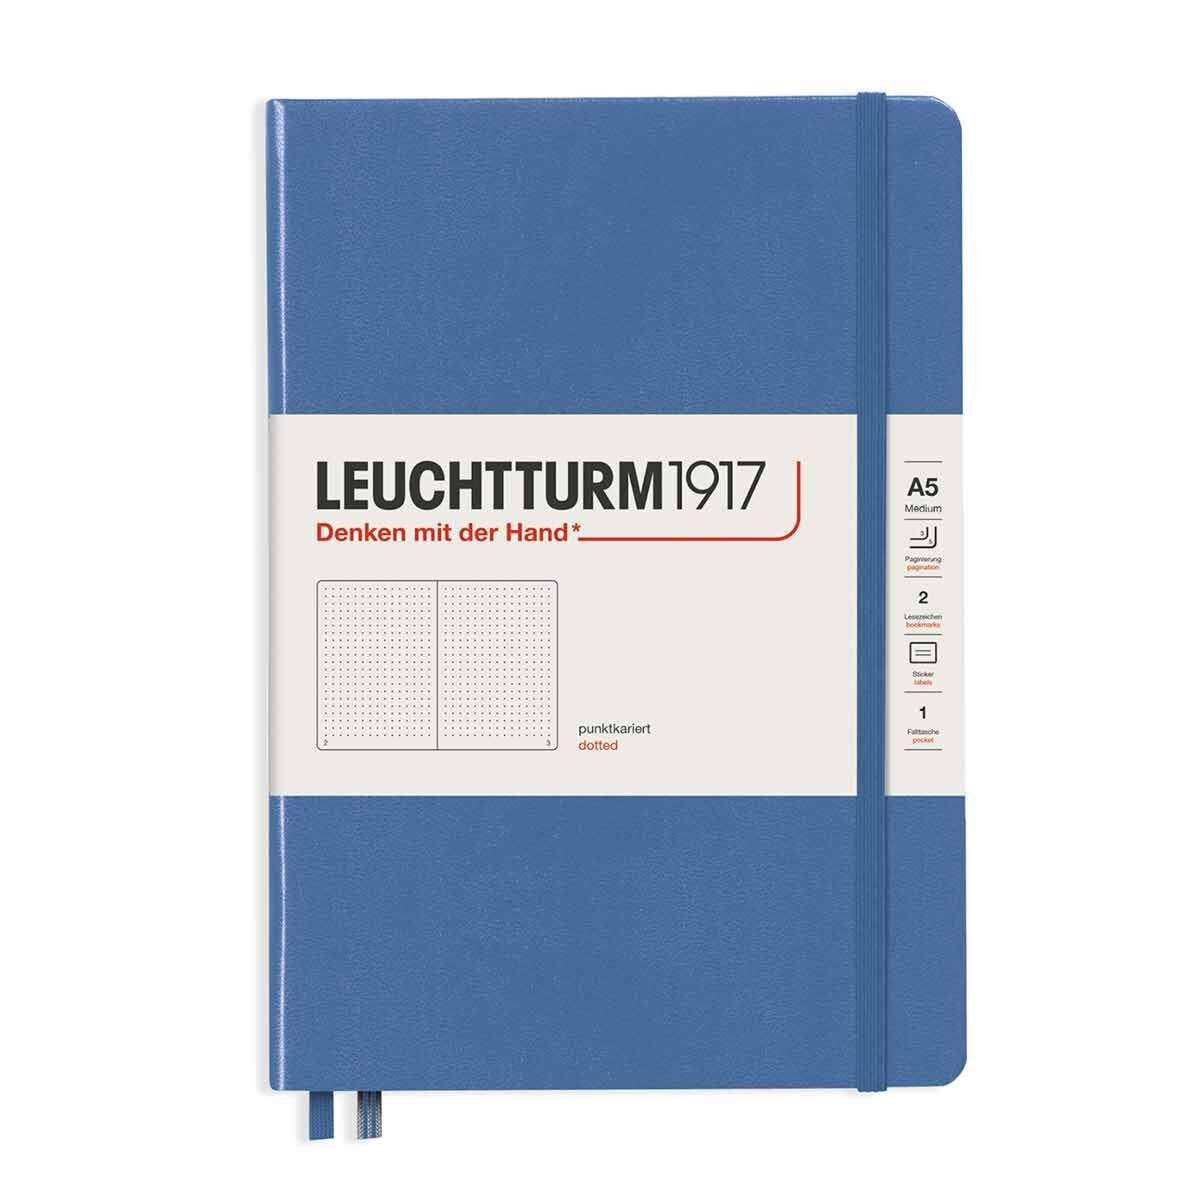 Leuchtturm1917 Hard Cover Notebook Dotted A5